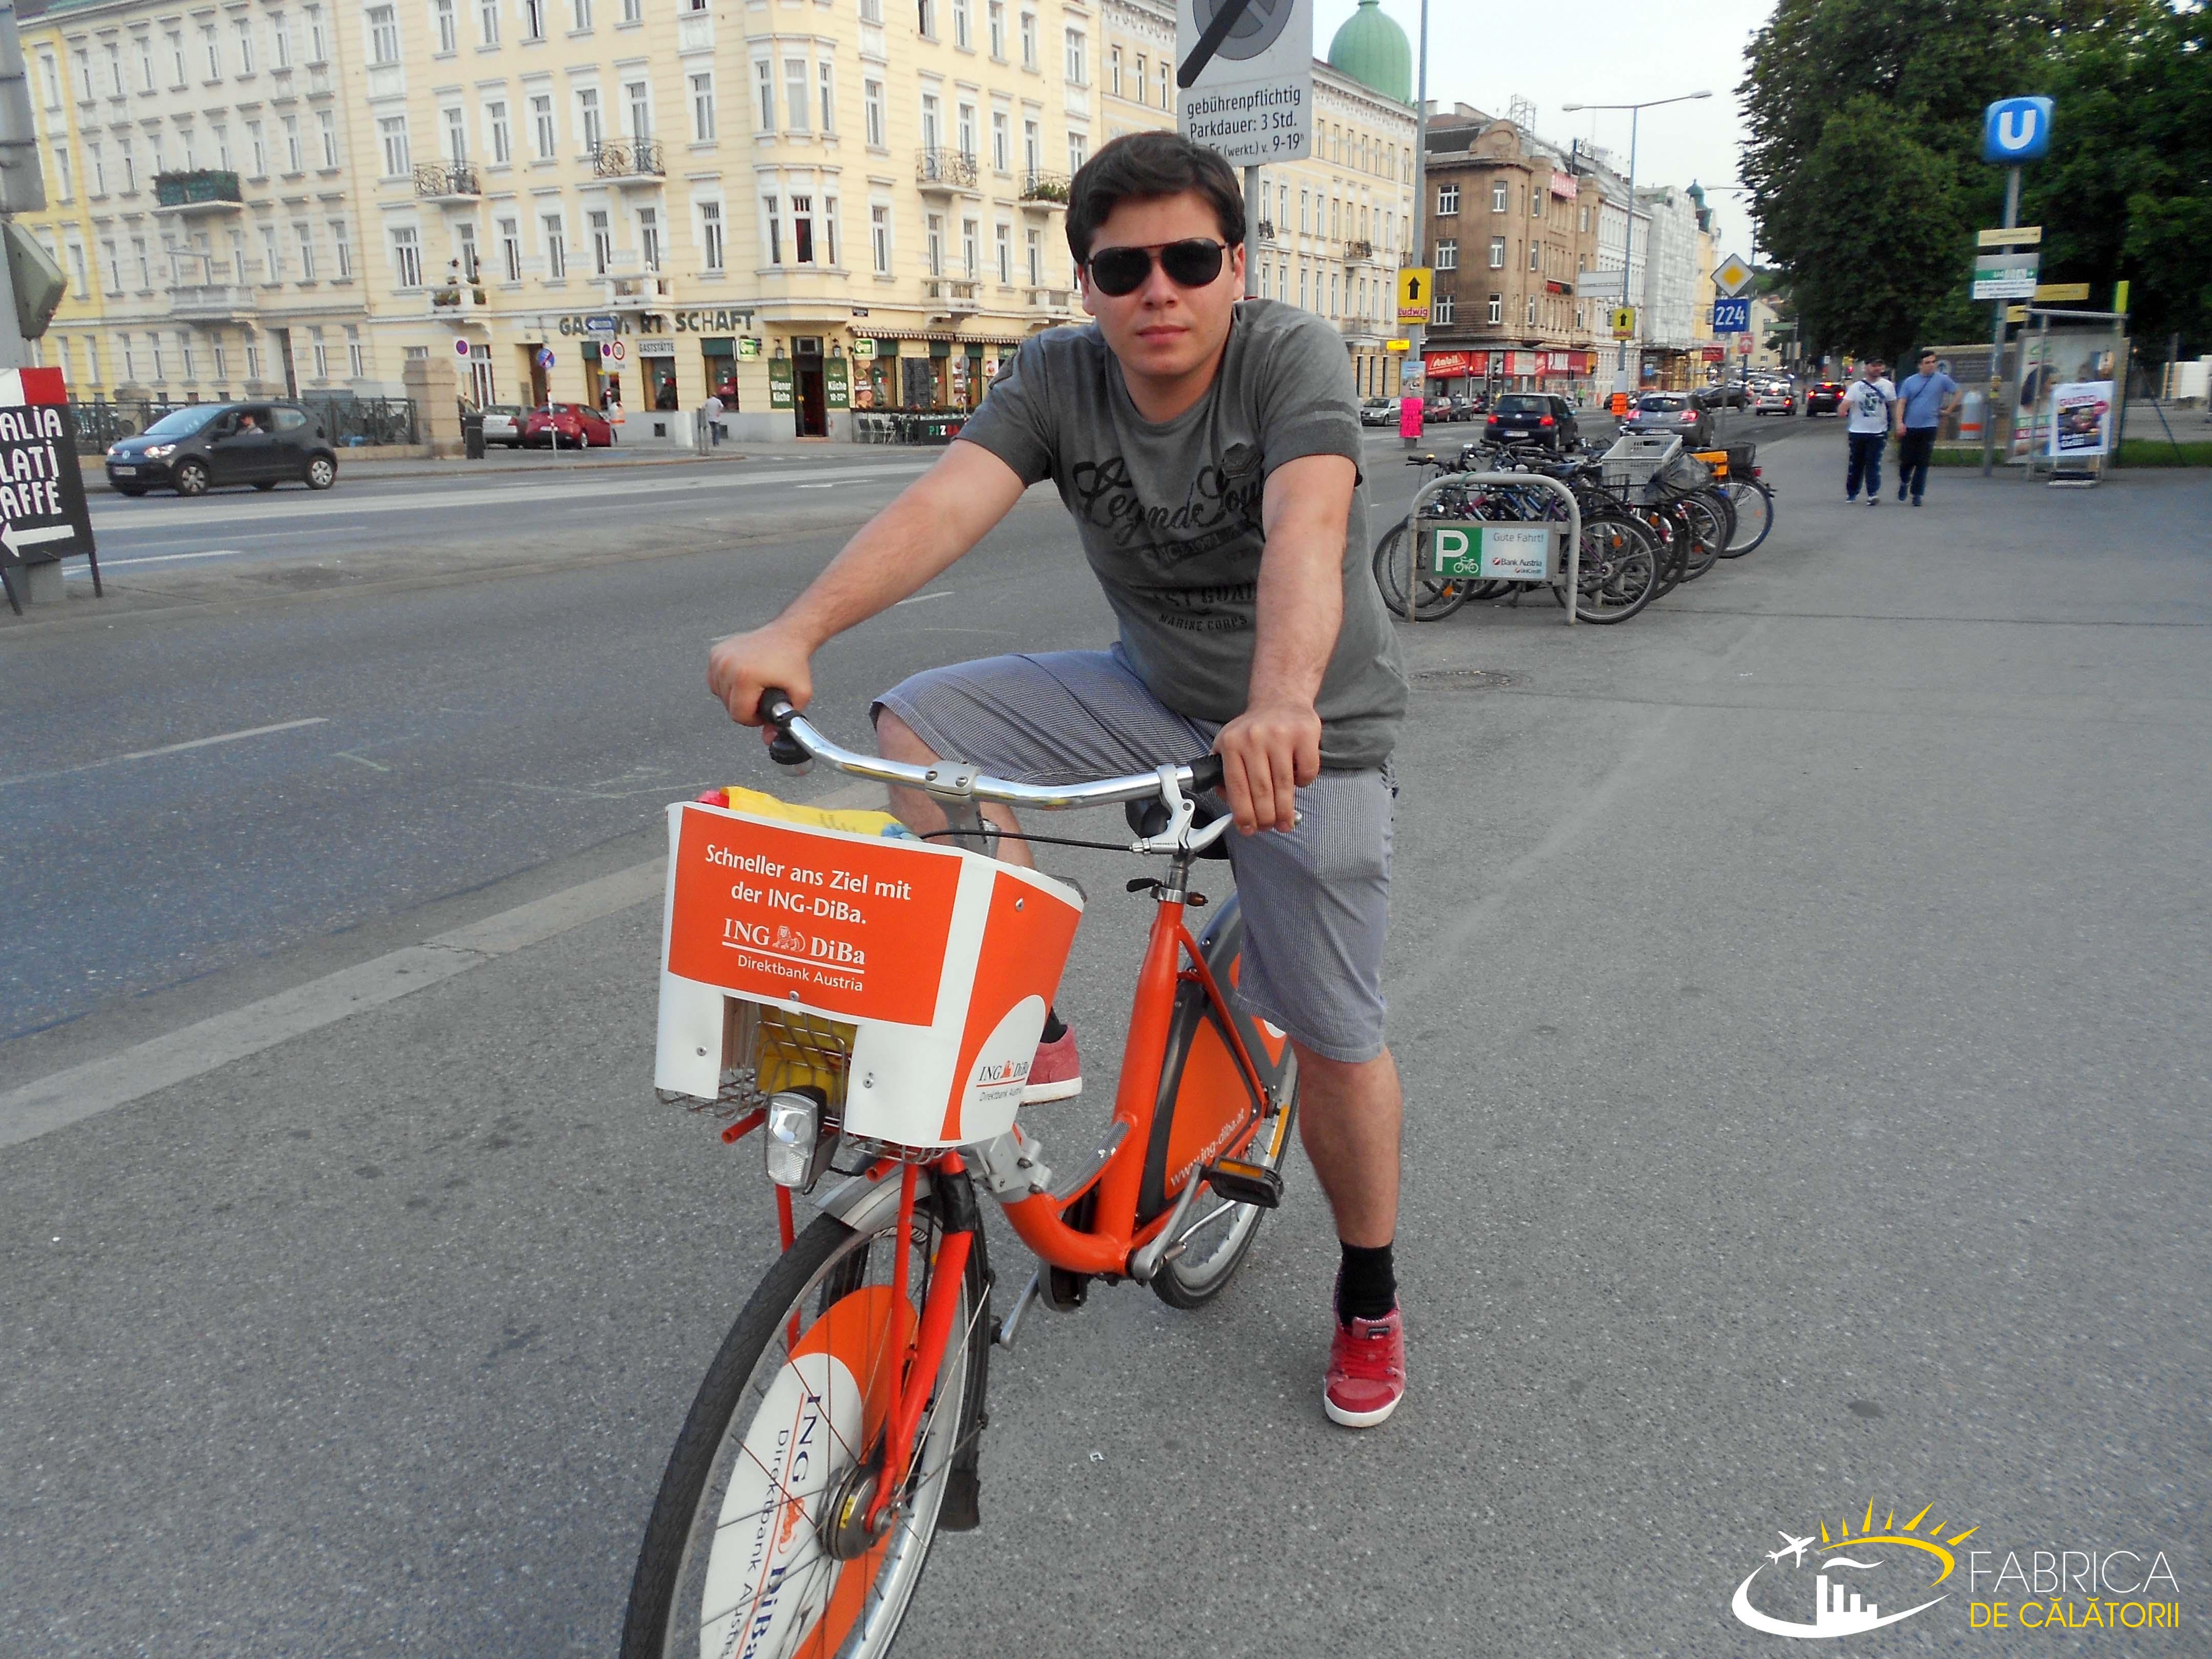 Inchiriere bicicleta Viena